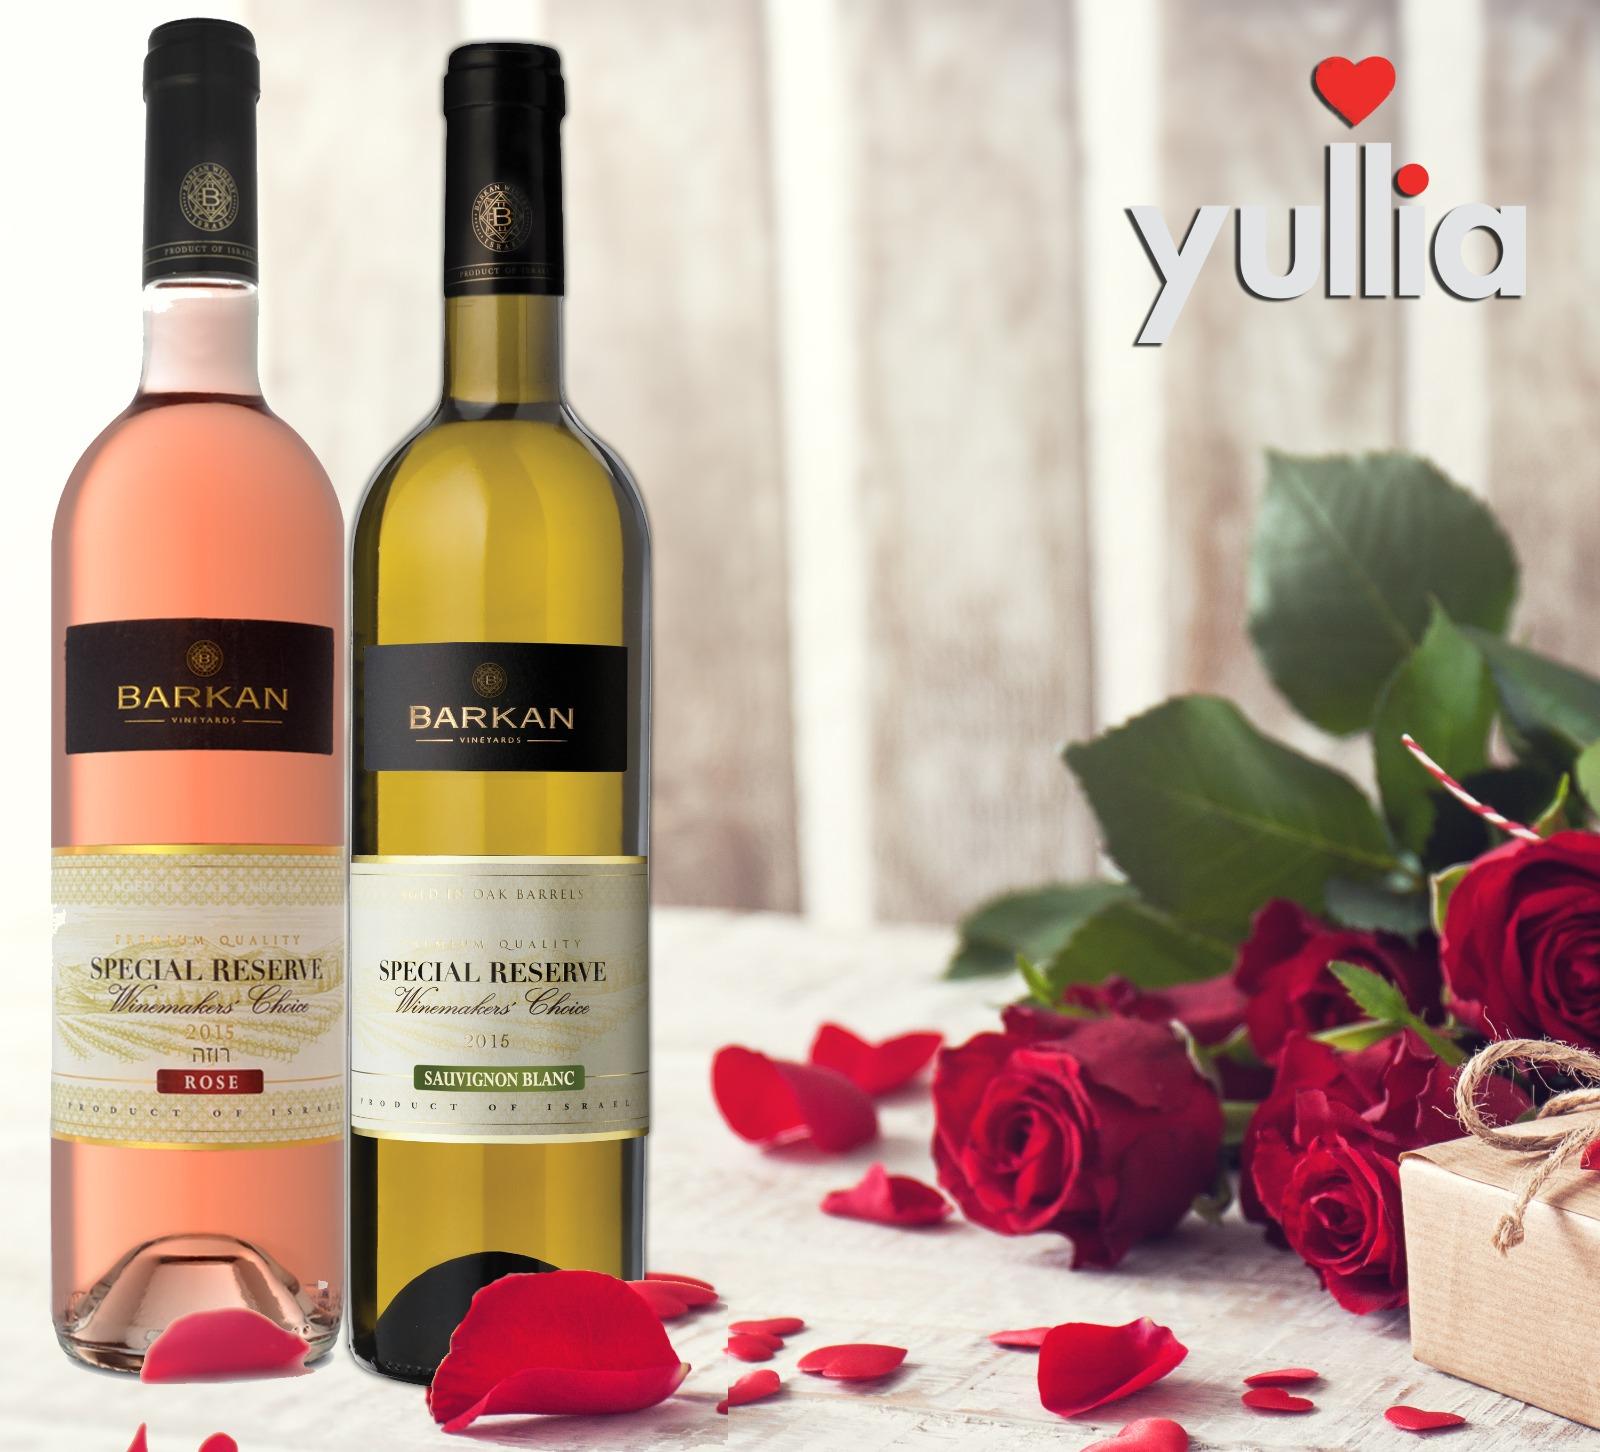 Вино и красота: совместная акция винодельни Barkan и Yullia к 8 марта